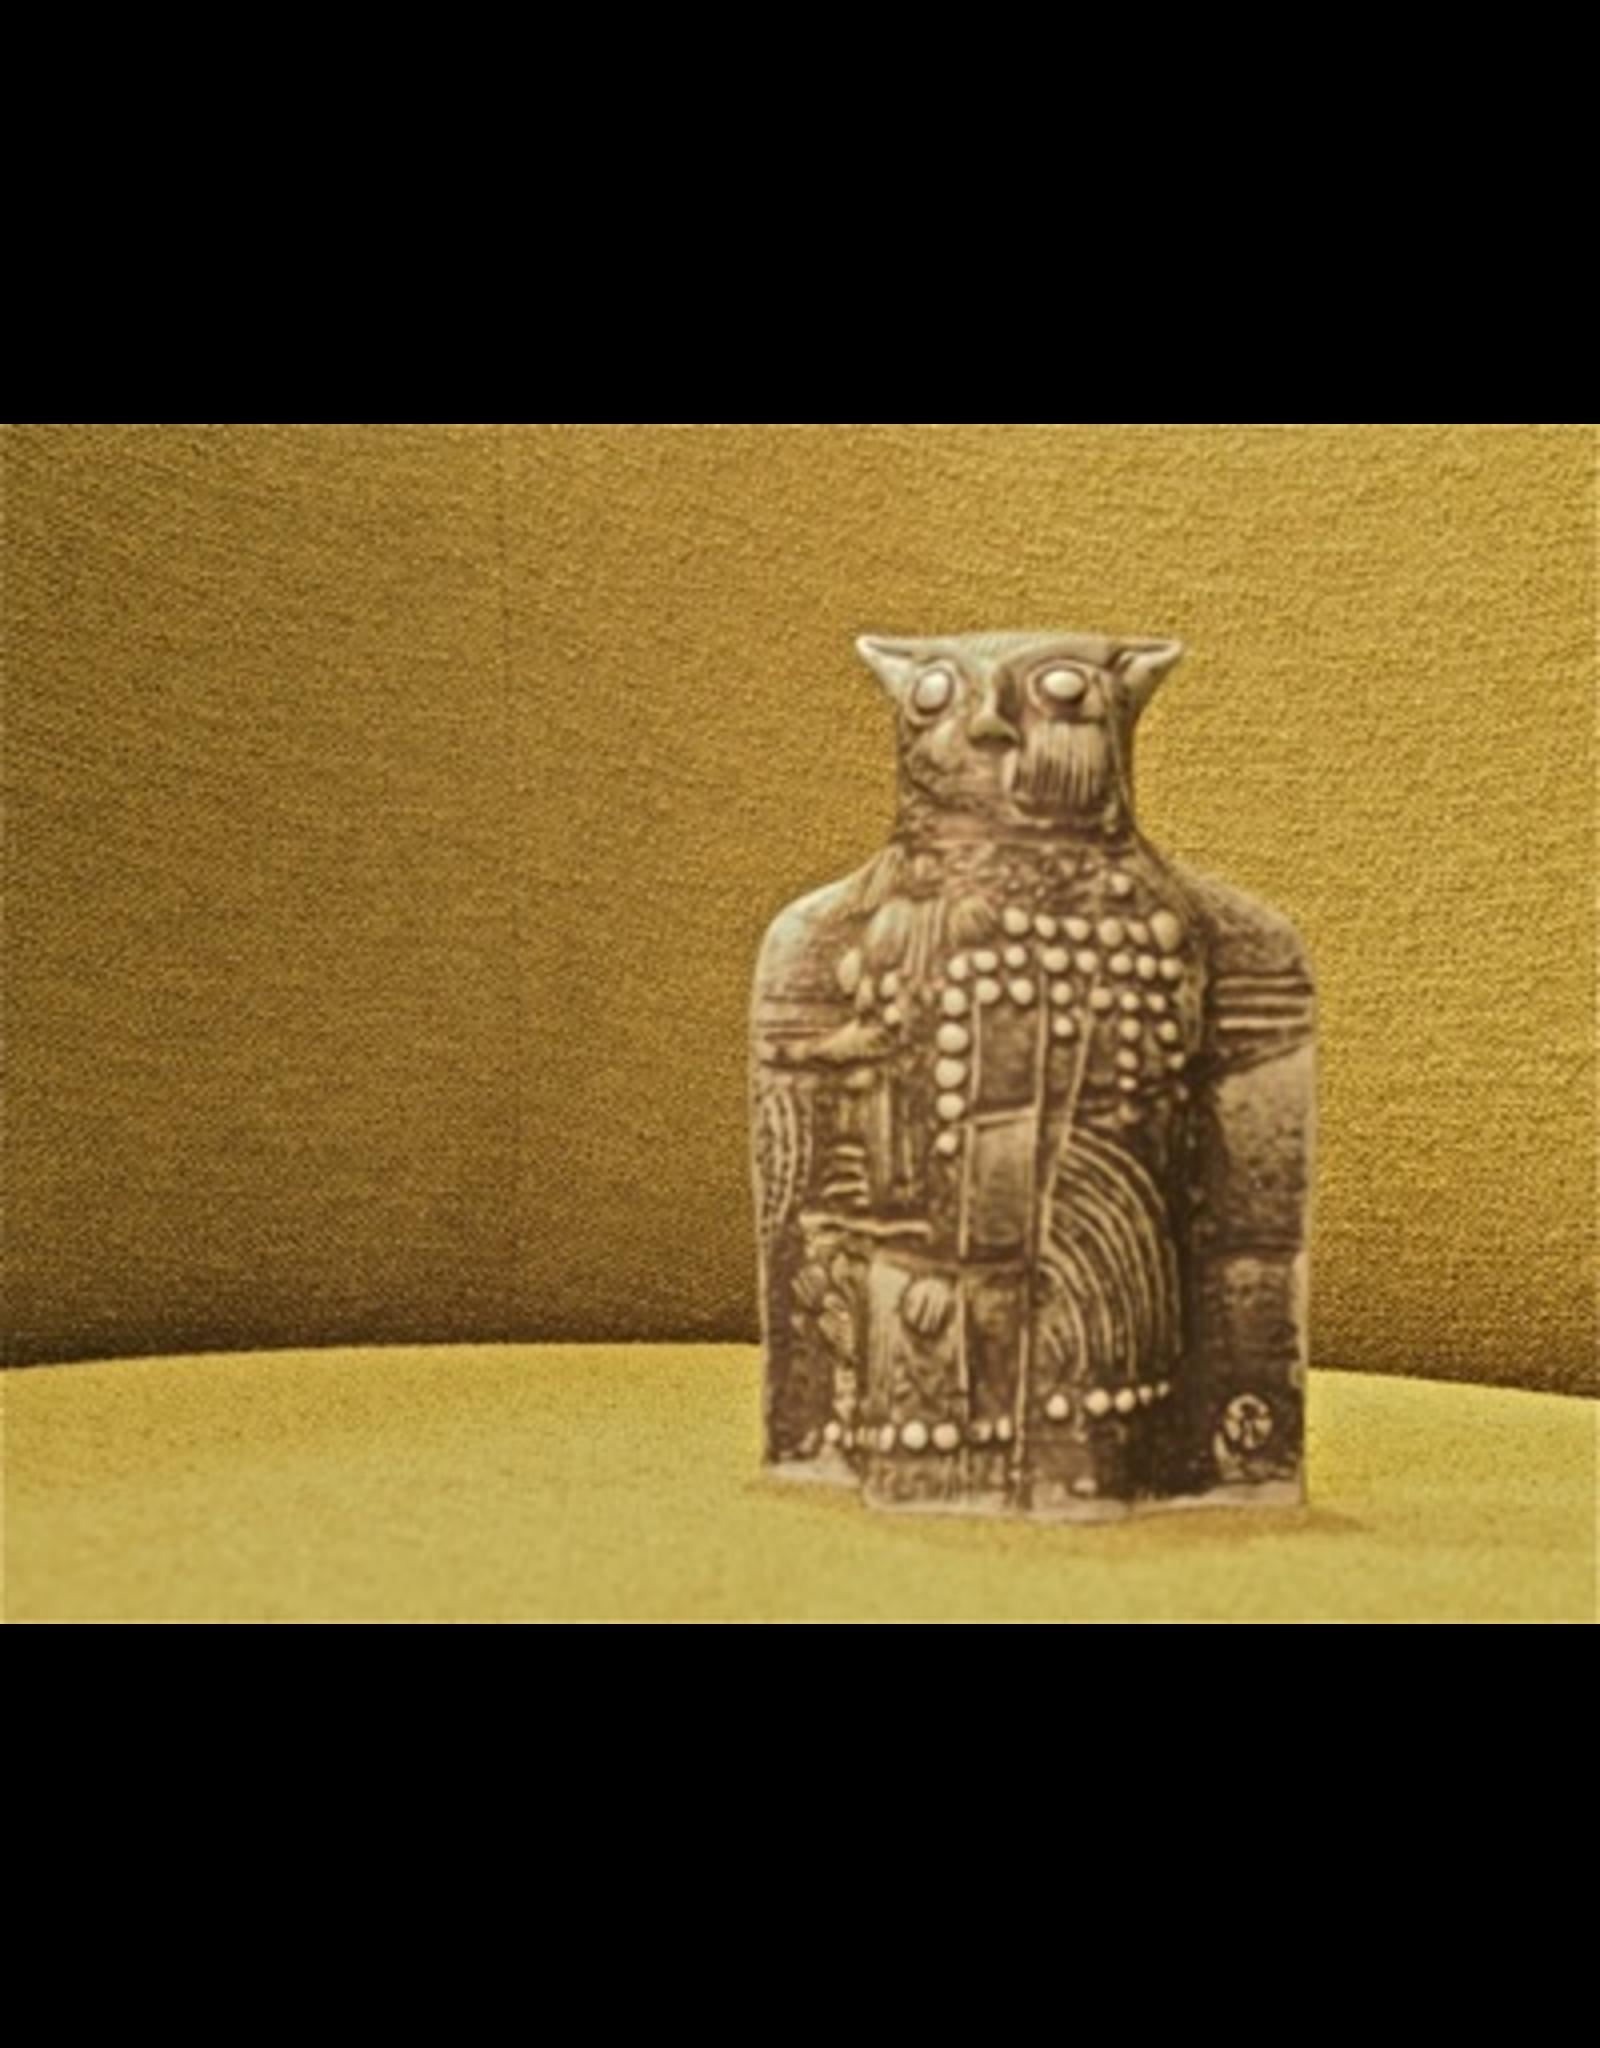 MANKS ANTIQUES CERAMIC SCULPTURE 黑猫头鹰的陶瓷雕塑